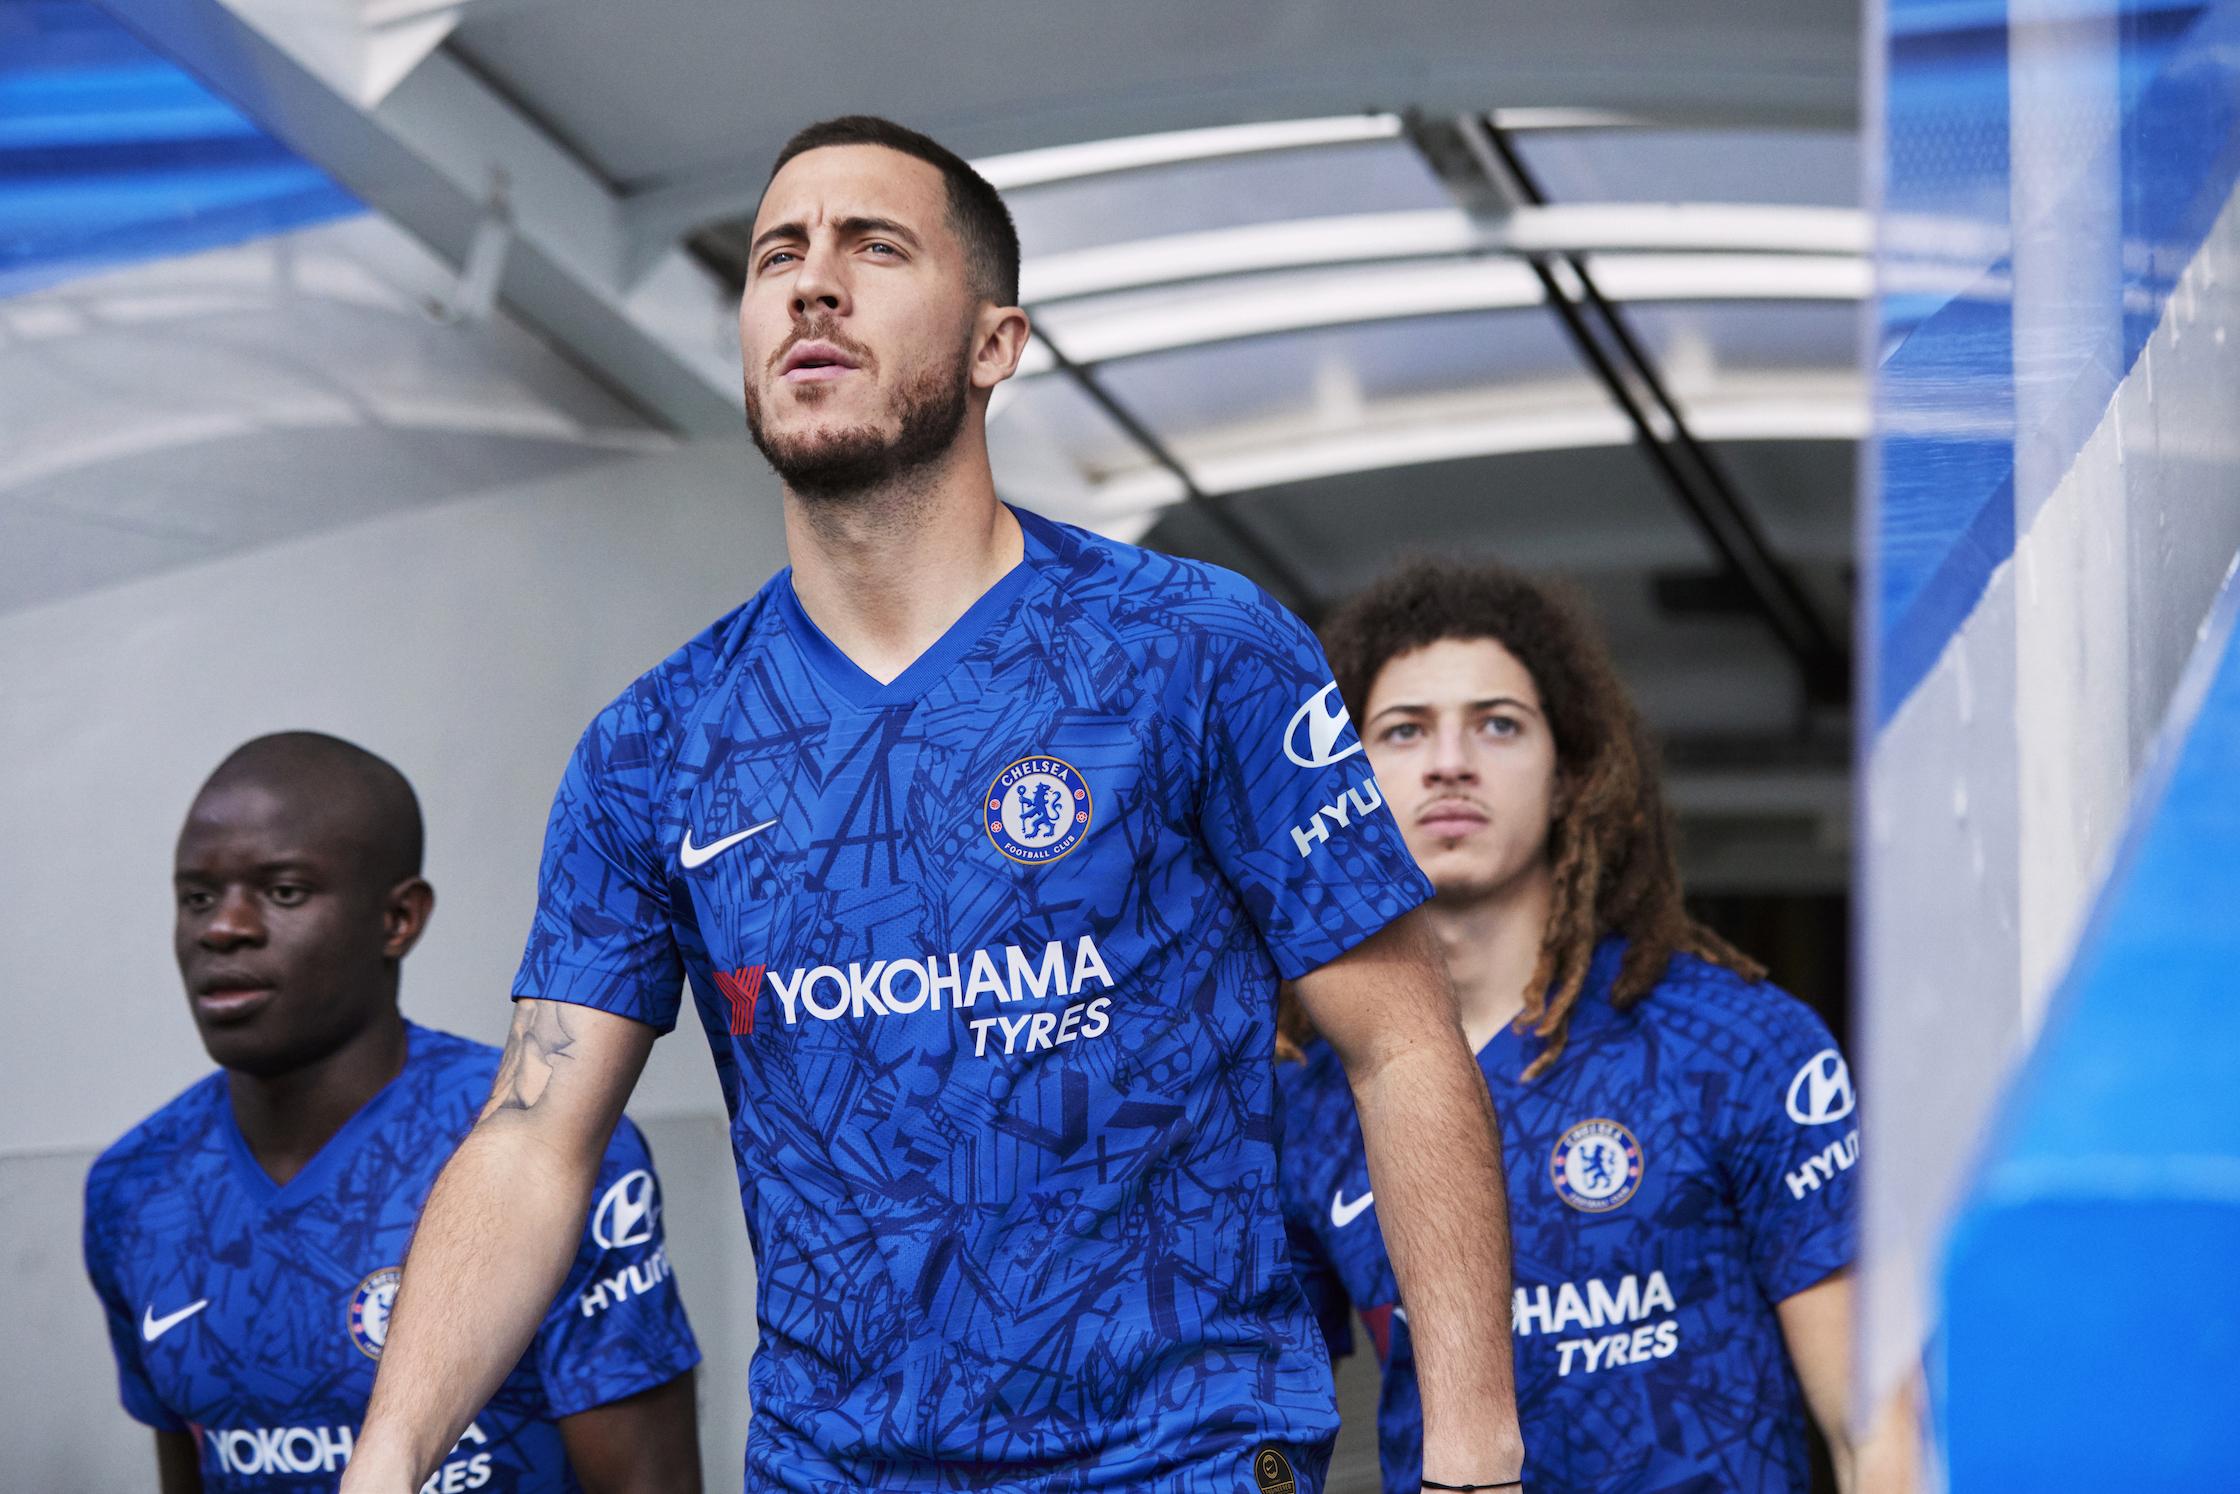 Nike_ChelseaFC_HomeKit_2019-20_3_87524